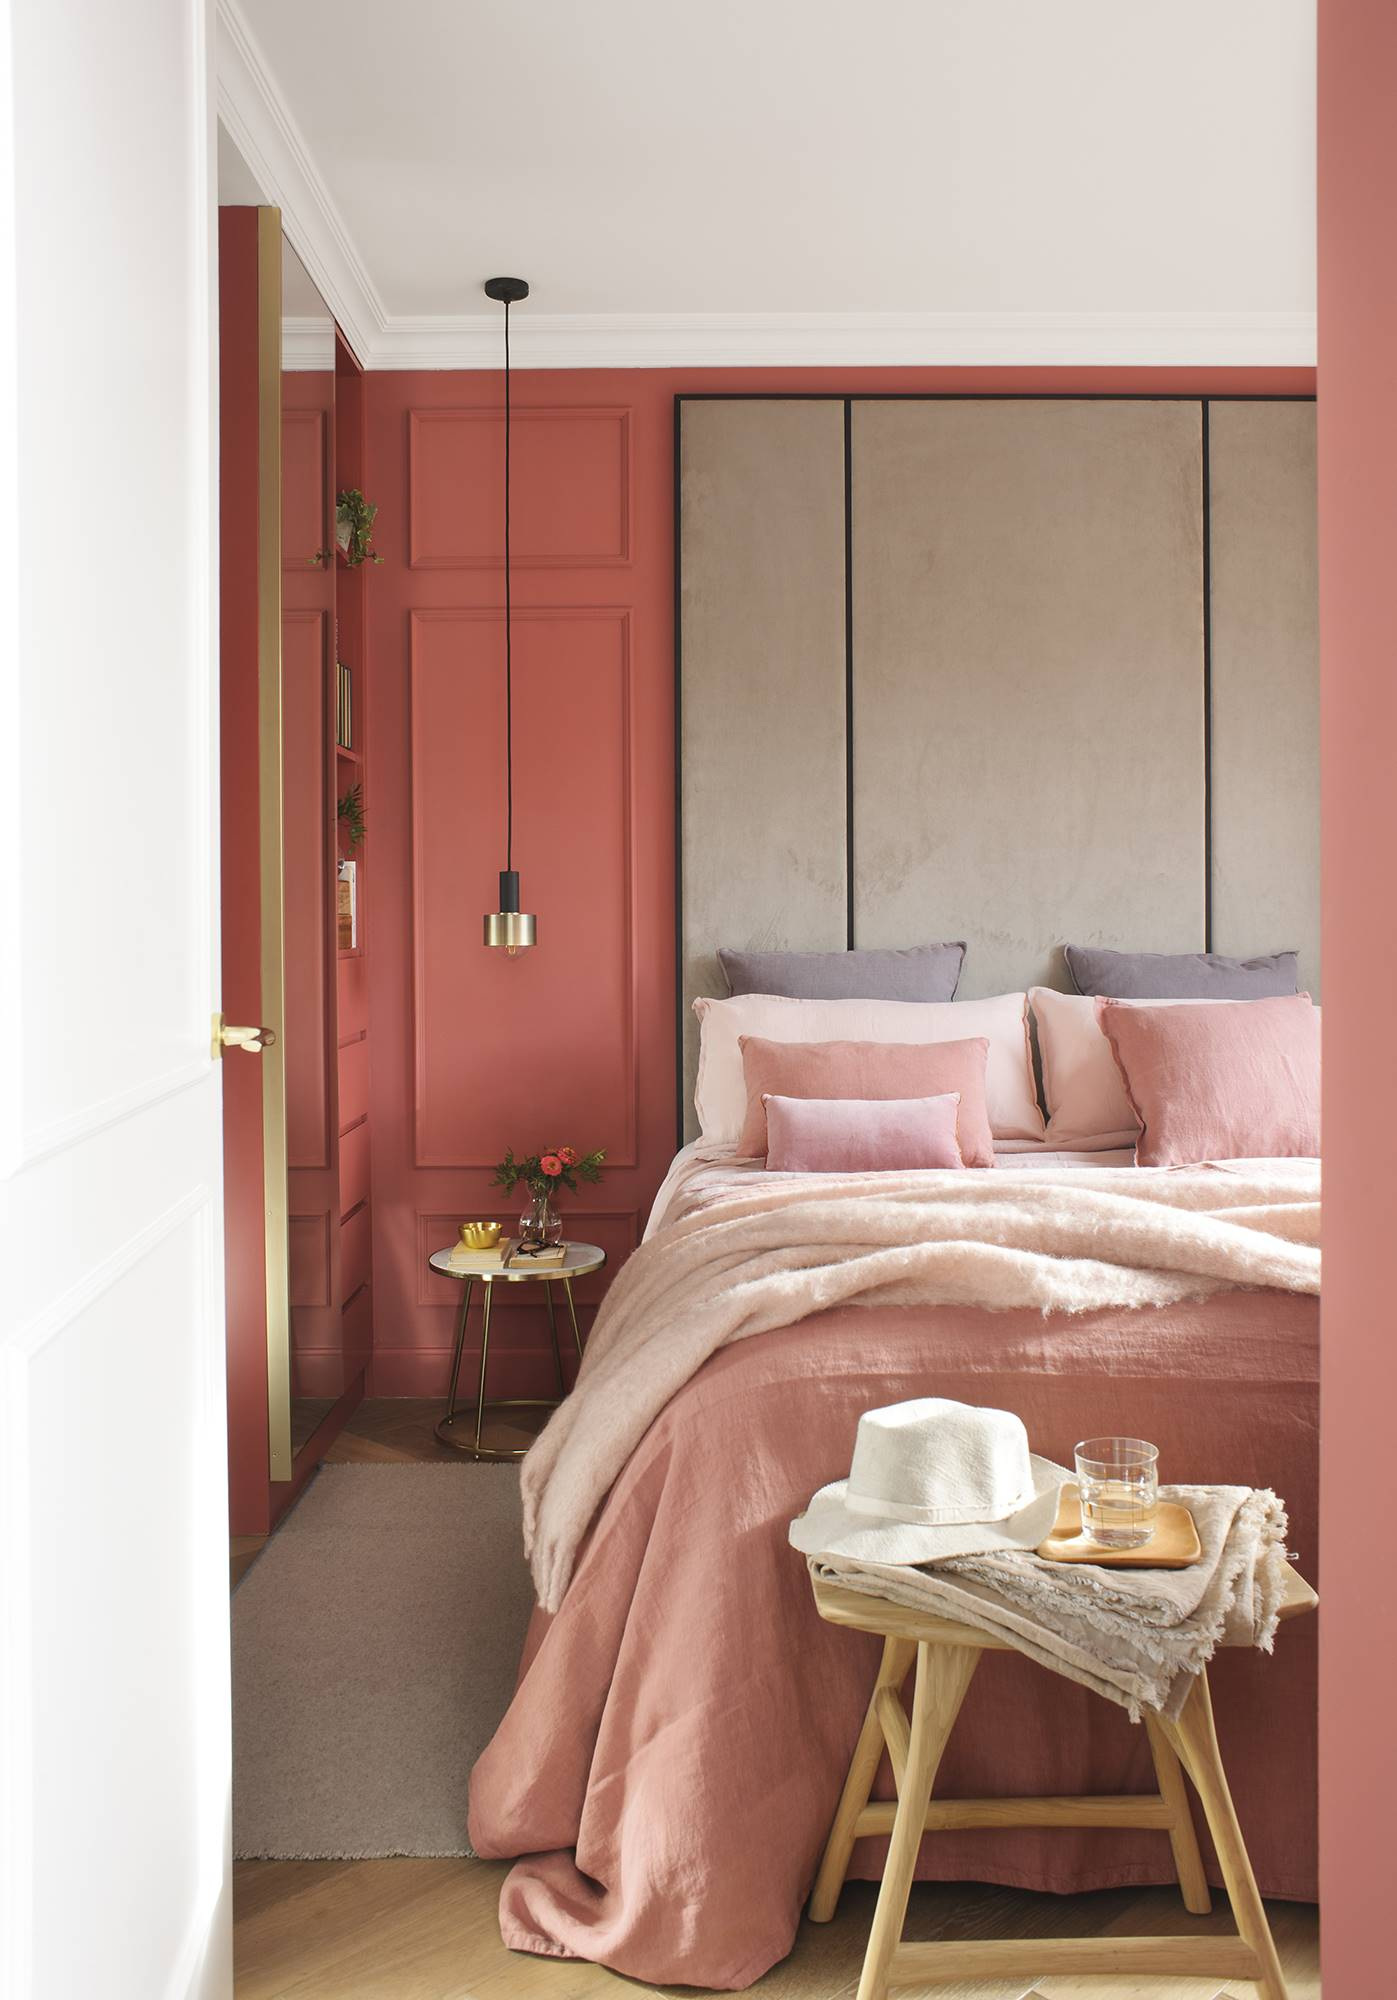 5 colores que combinan con el living coral - Colores de pintura para paredes de dormitorios ...